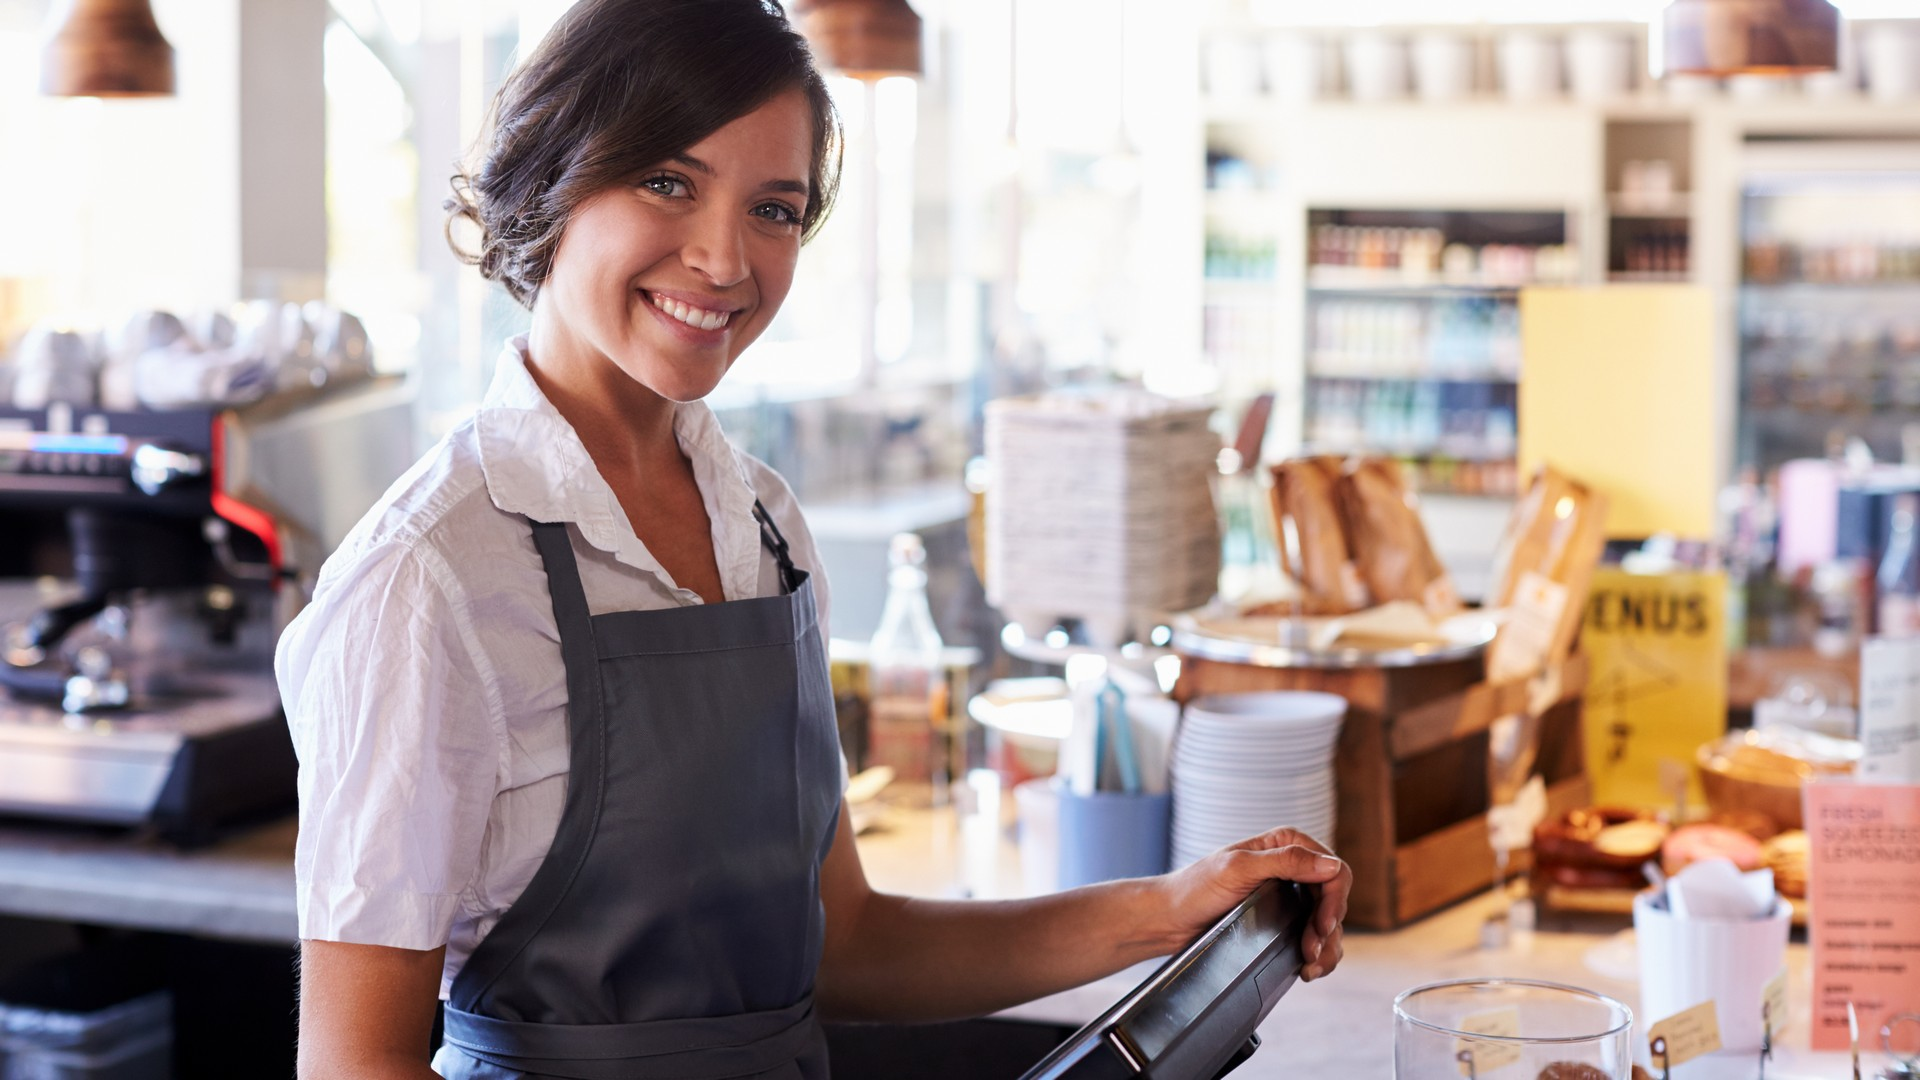 Cash handling retail. Cash deposit